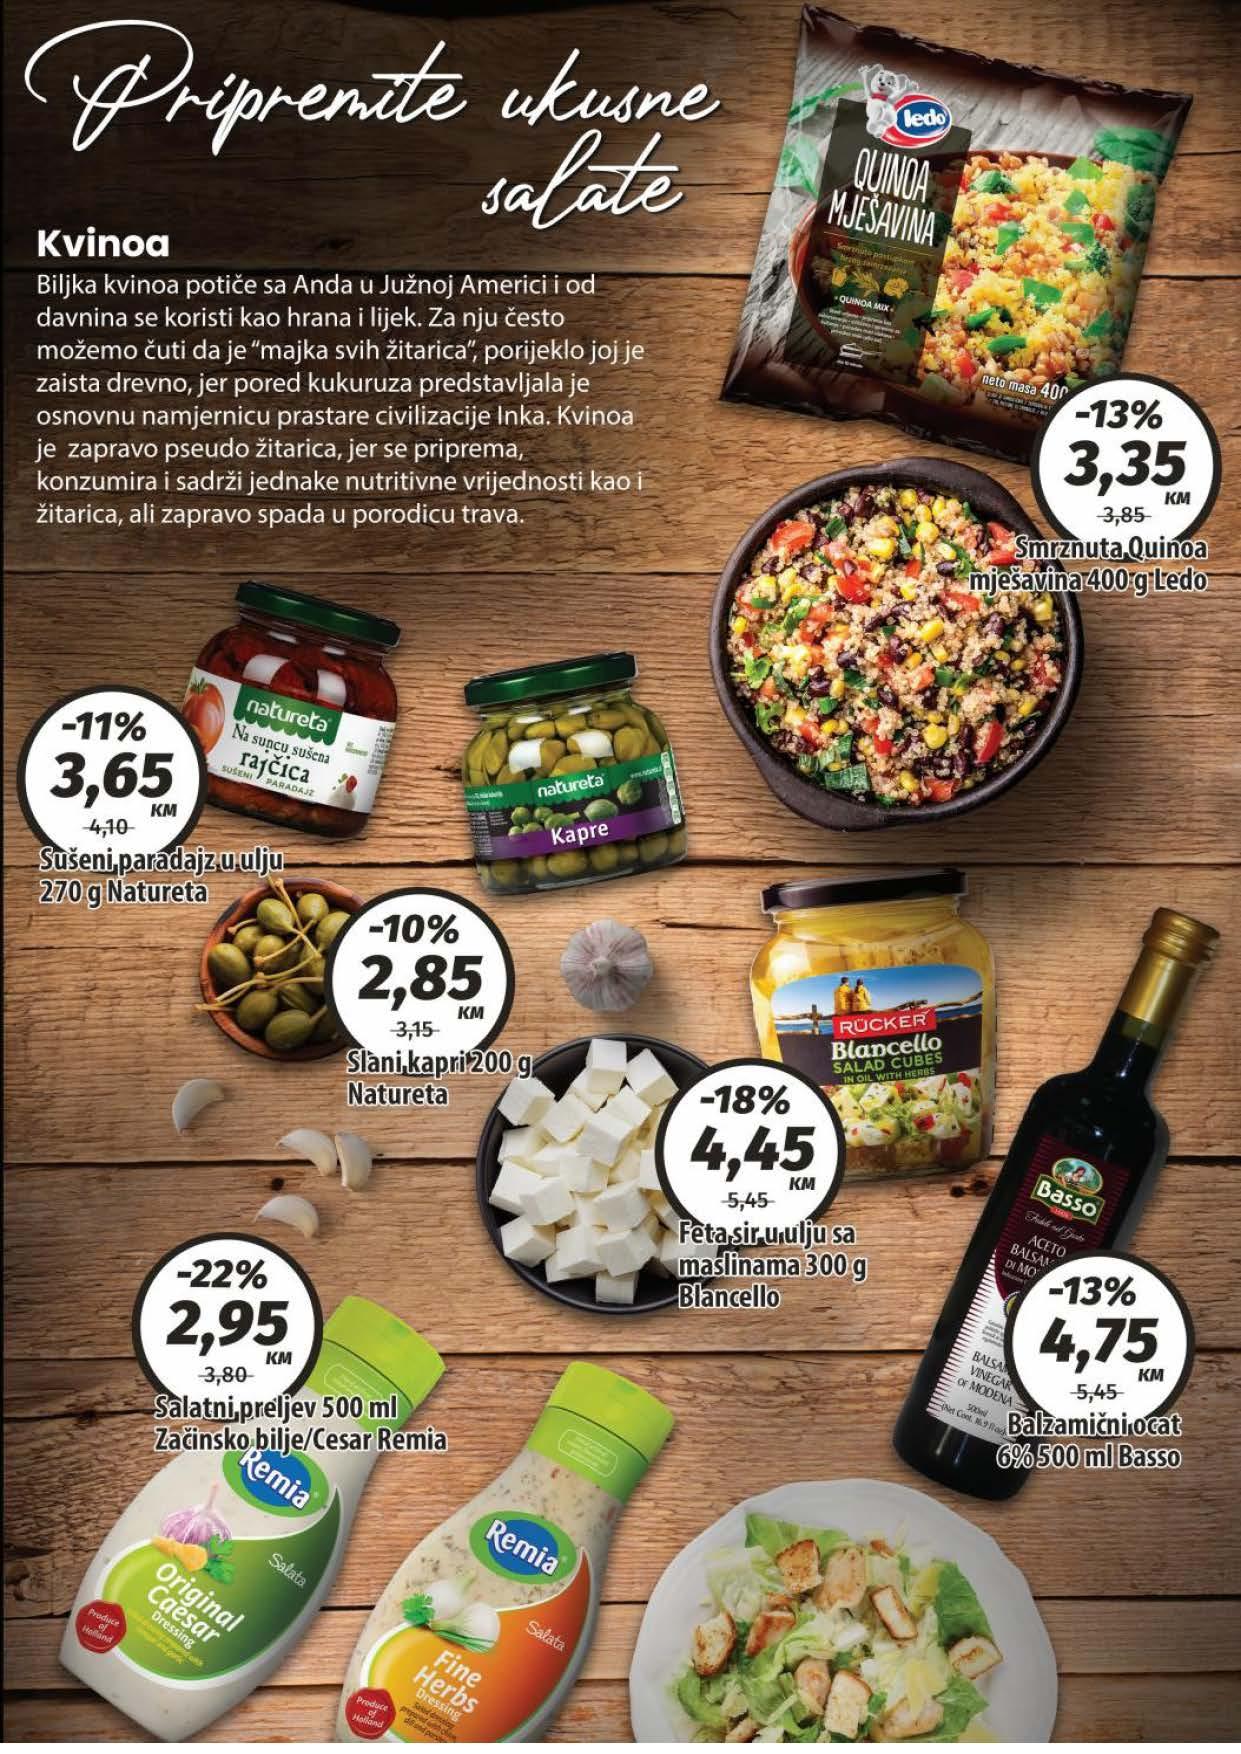 BINGO Katalog Magazin PLUS JUN i JUL 2021 15.6. 9.7. eKatalozi.com PR Page 07